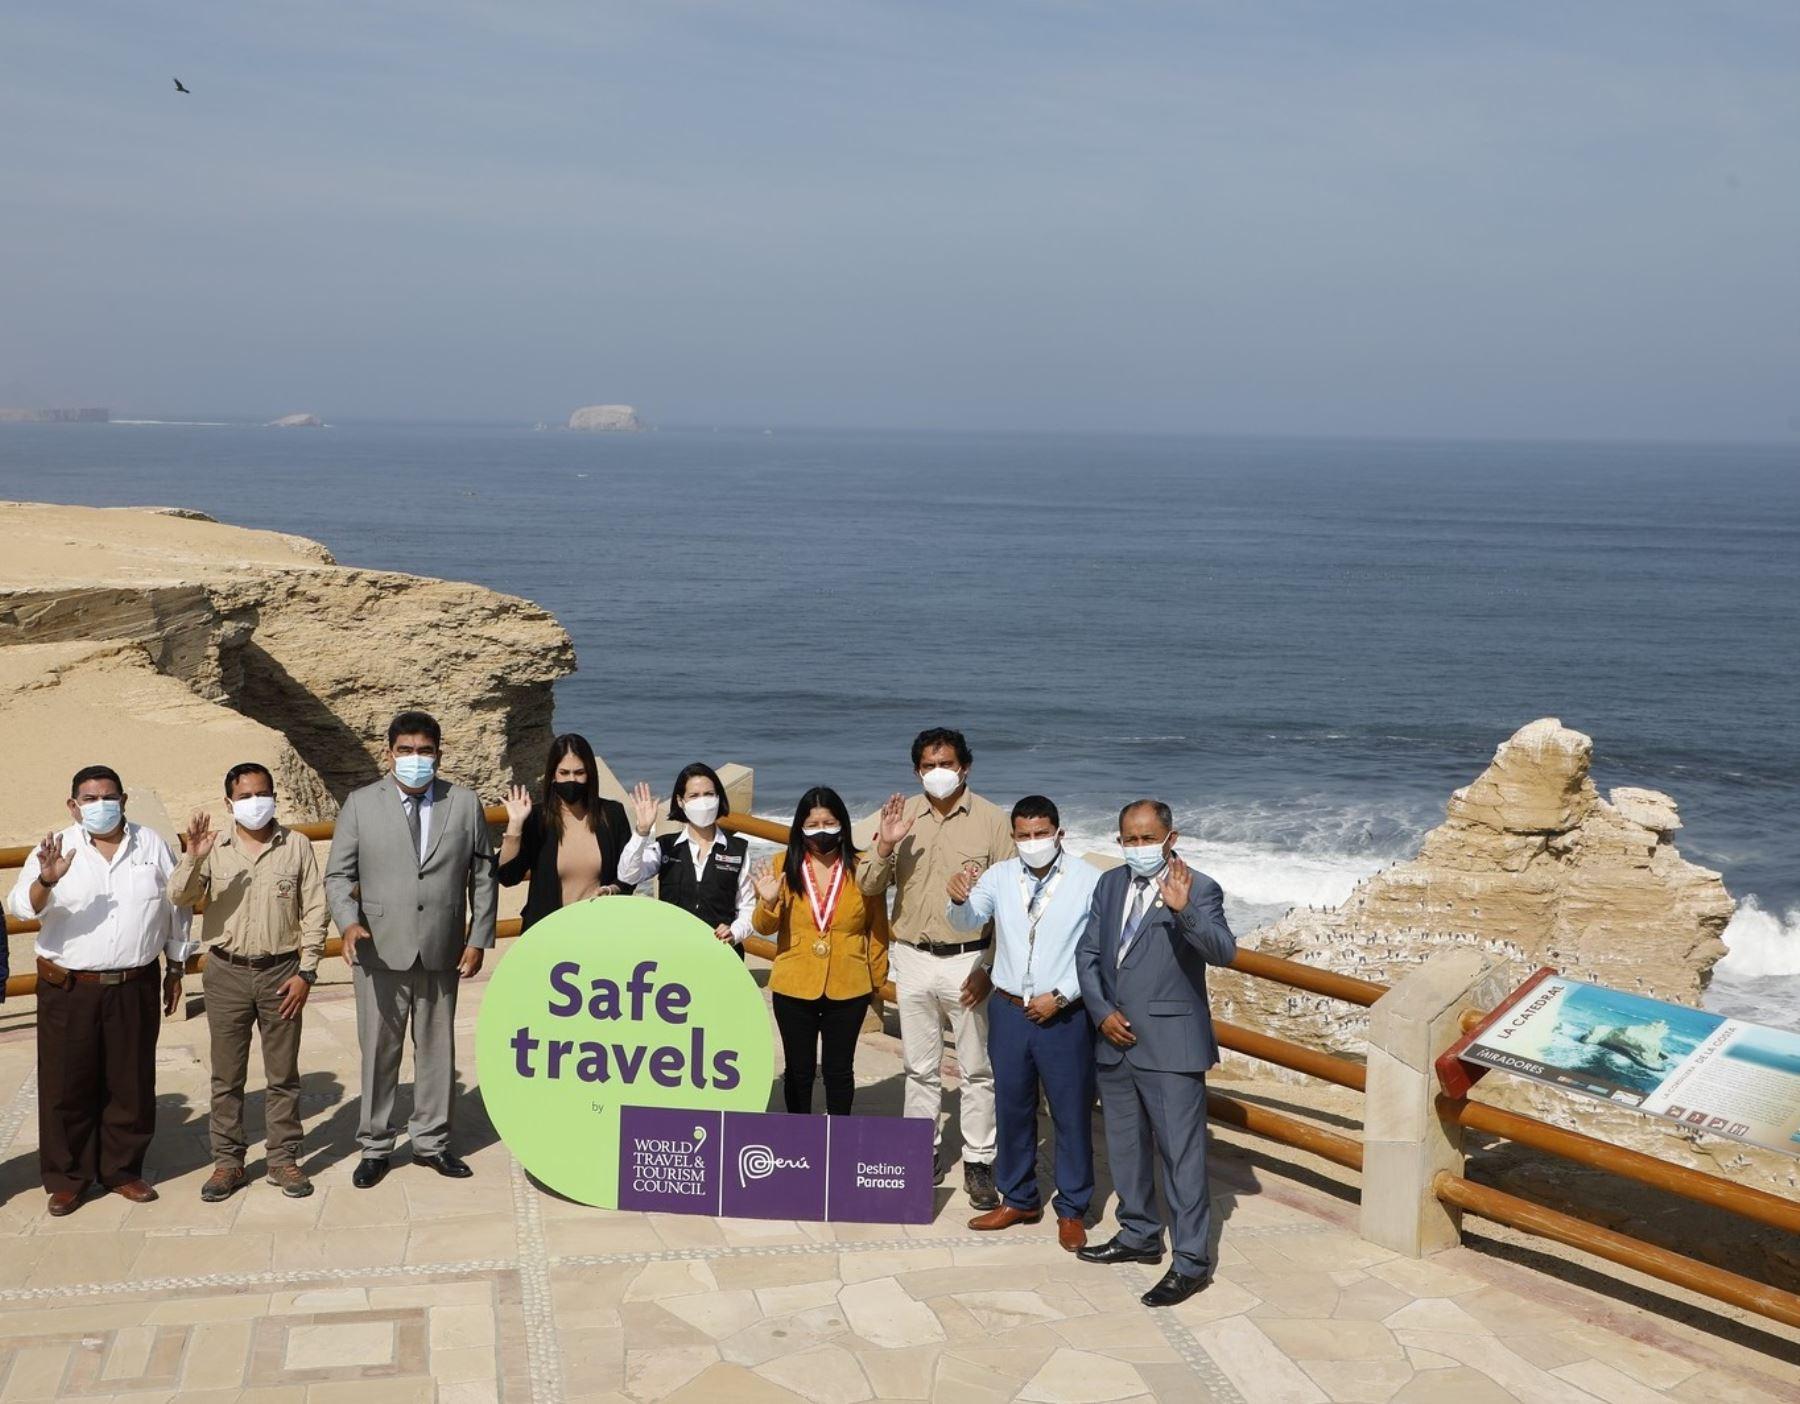 La Reserva Nacional de Paracas es uno de los atractivos de la región Ica que recibió el sello Safe Travels que lo reconoce como destino turístico seguro ante la covid-19. ANDINA/Difusión